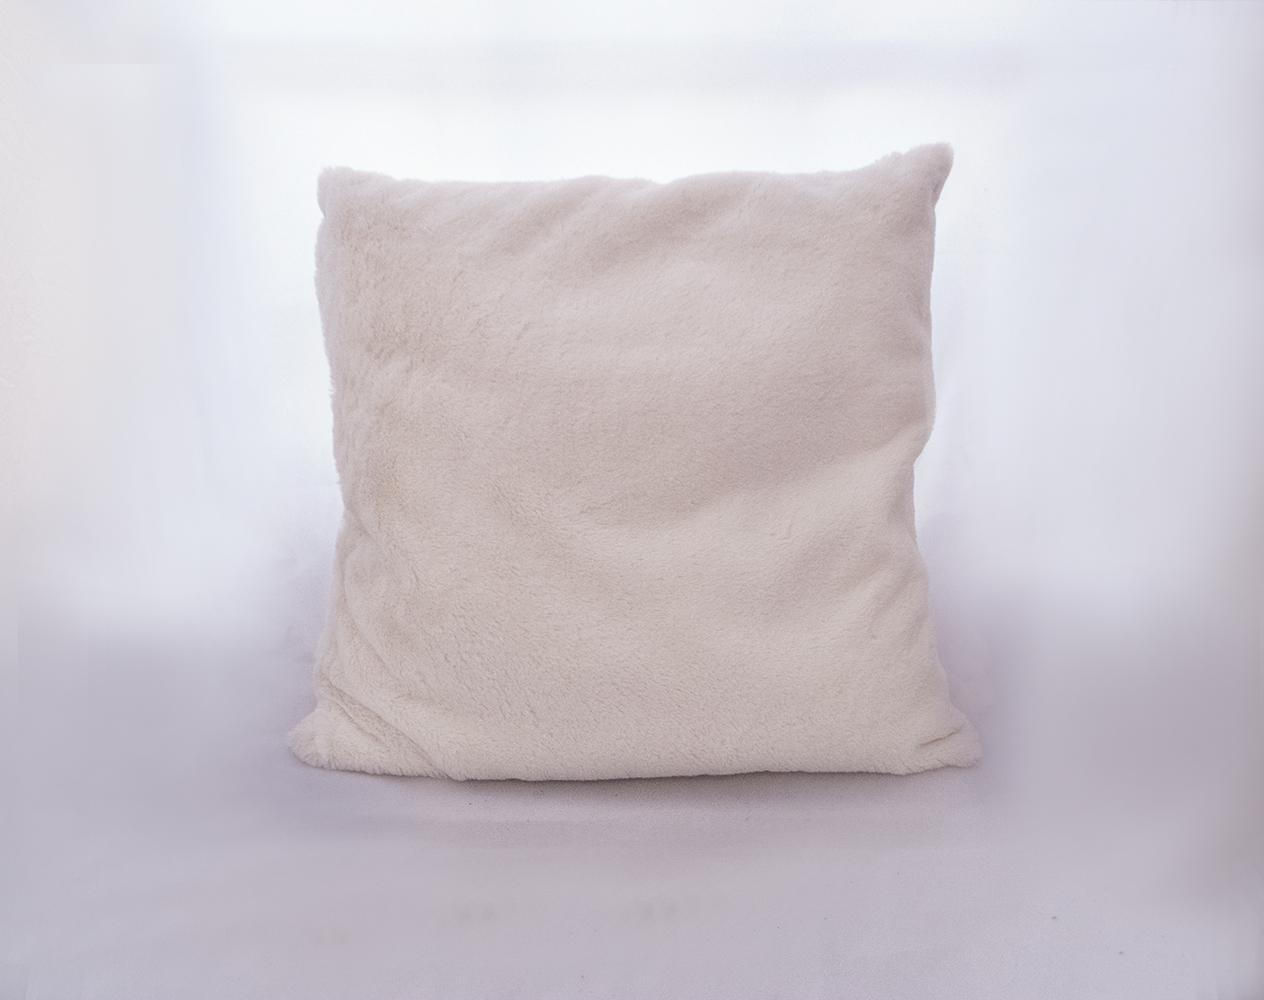 white plush pillow   Quantity: 2  Price: $10.00